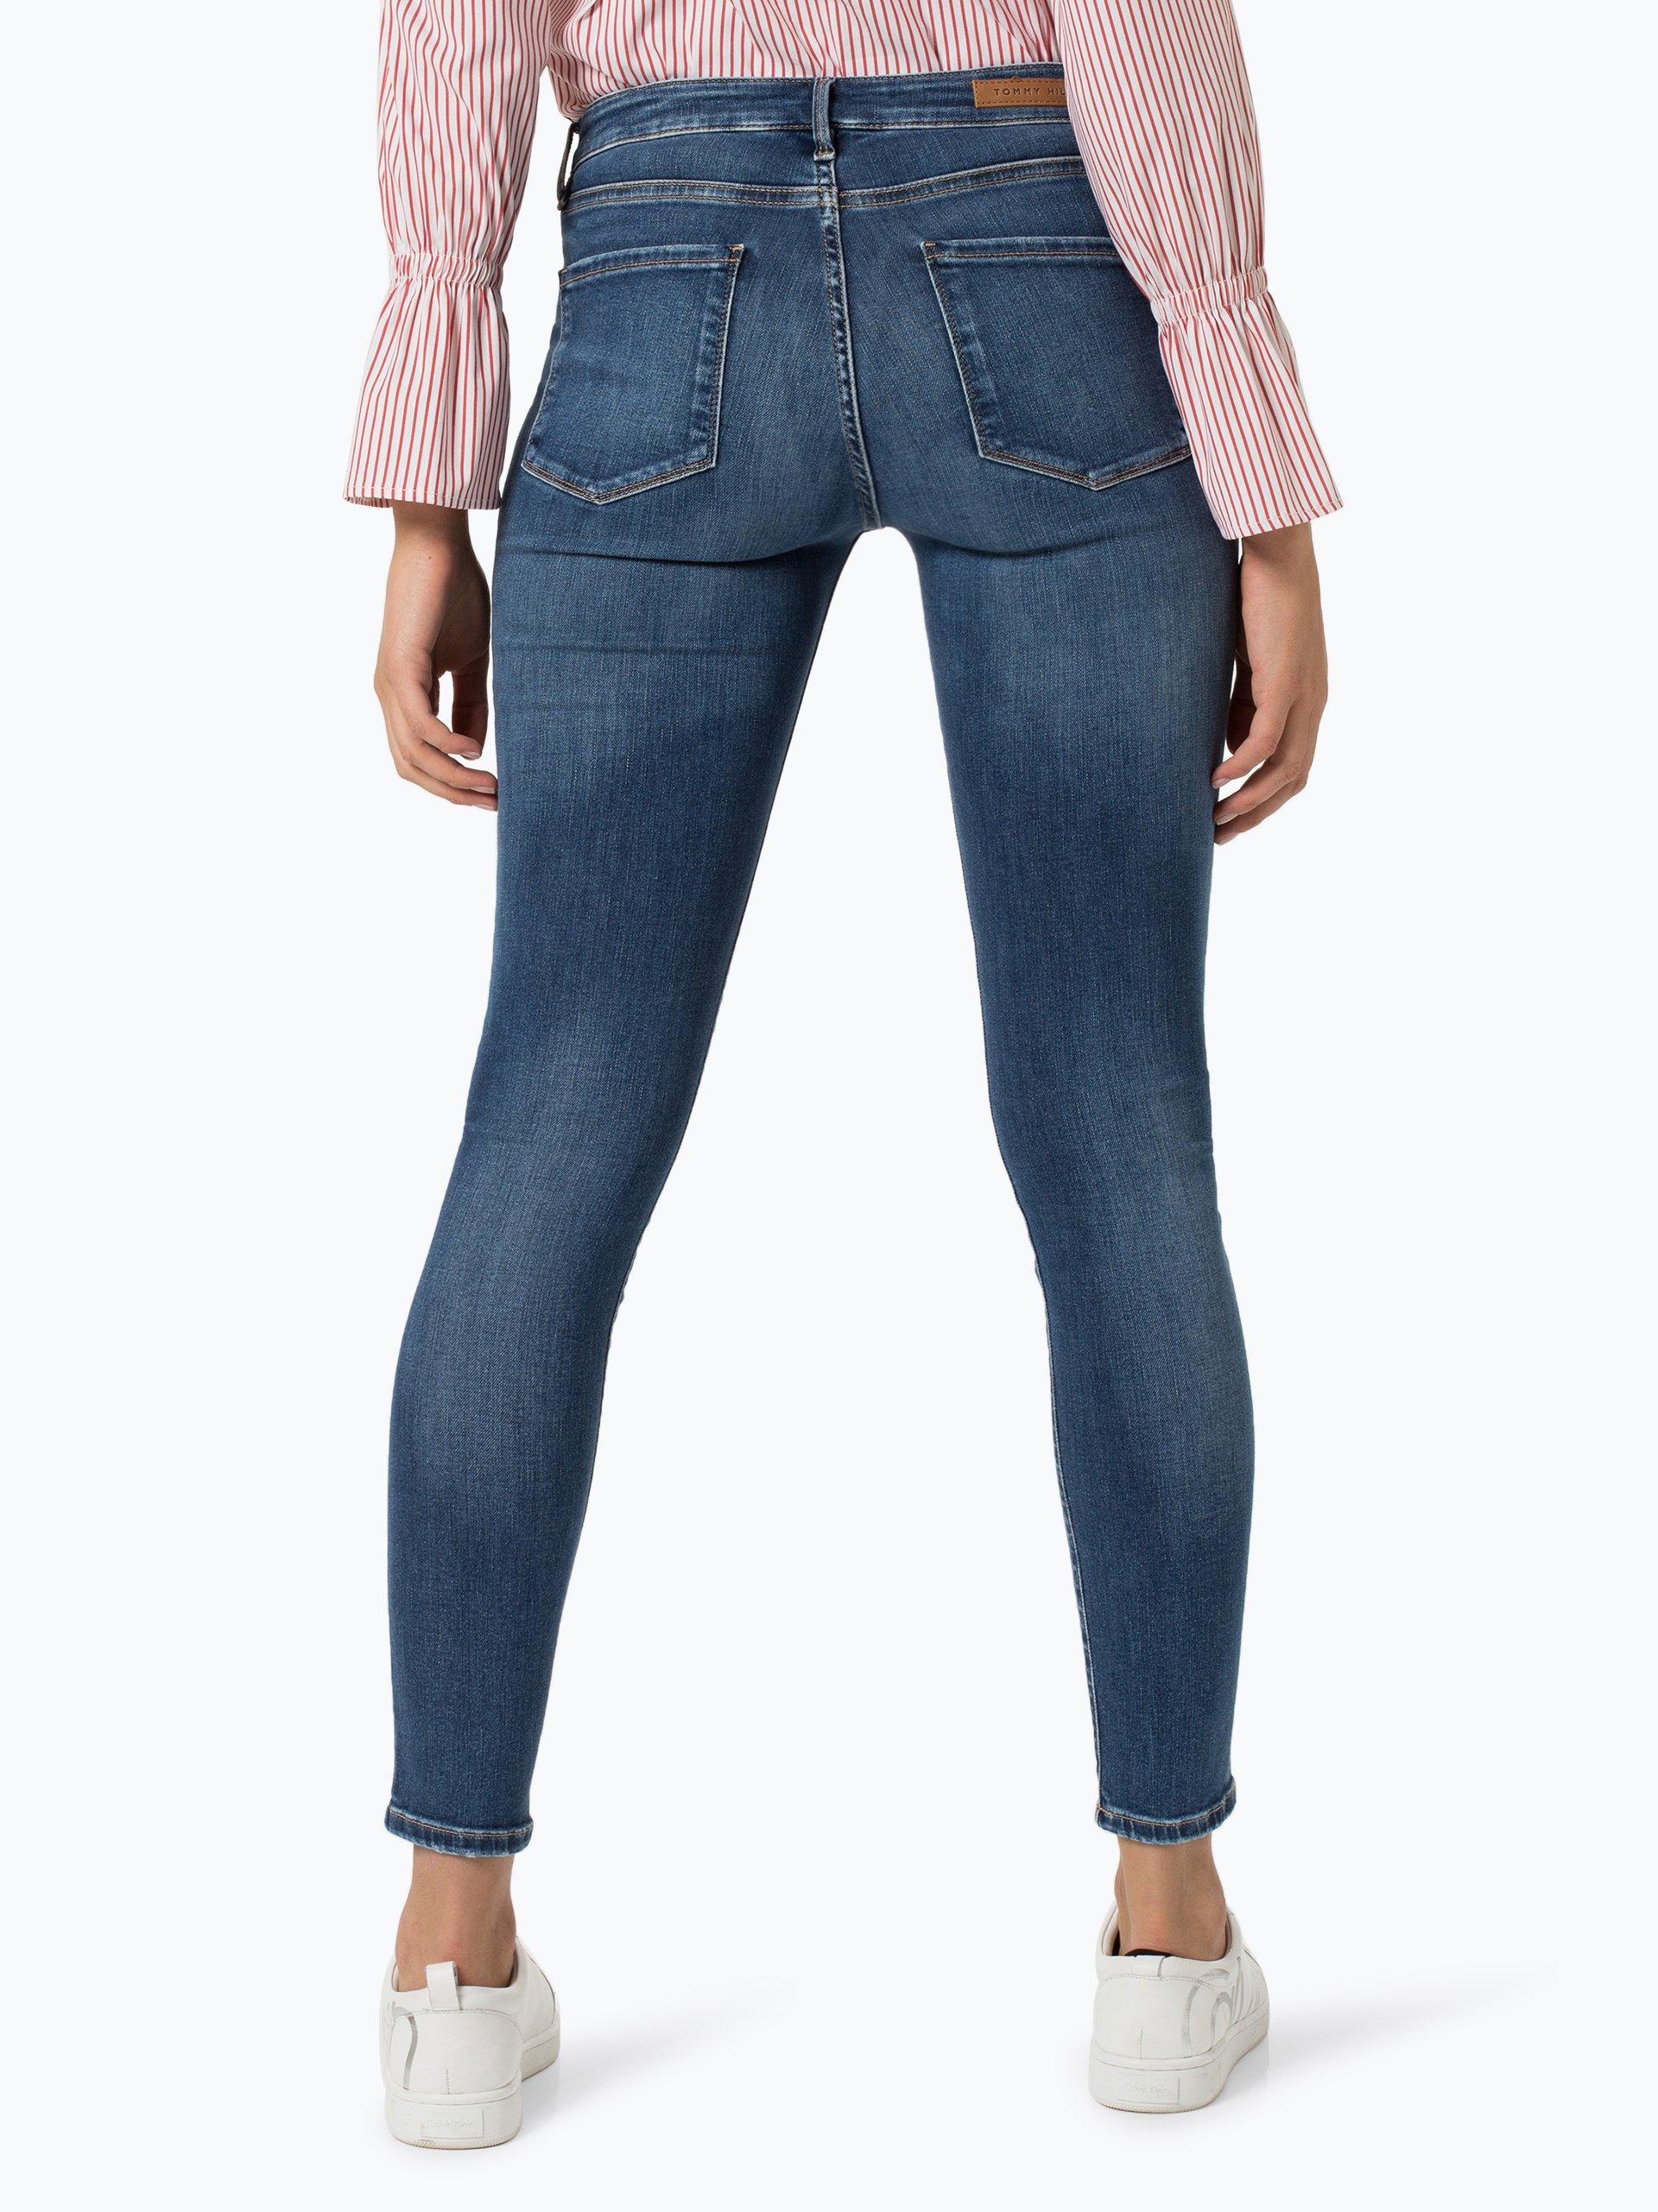 tommy hilfiger damen jeans isabel hellblau denim uni. Black Bedroom Furniture Sets. Home Design Ideas